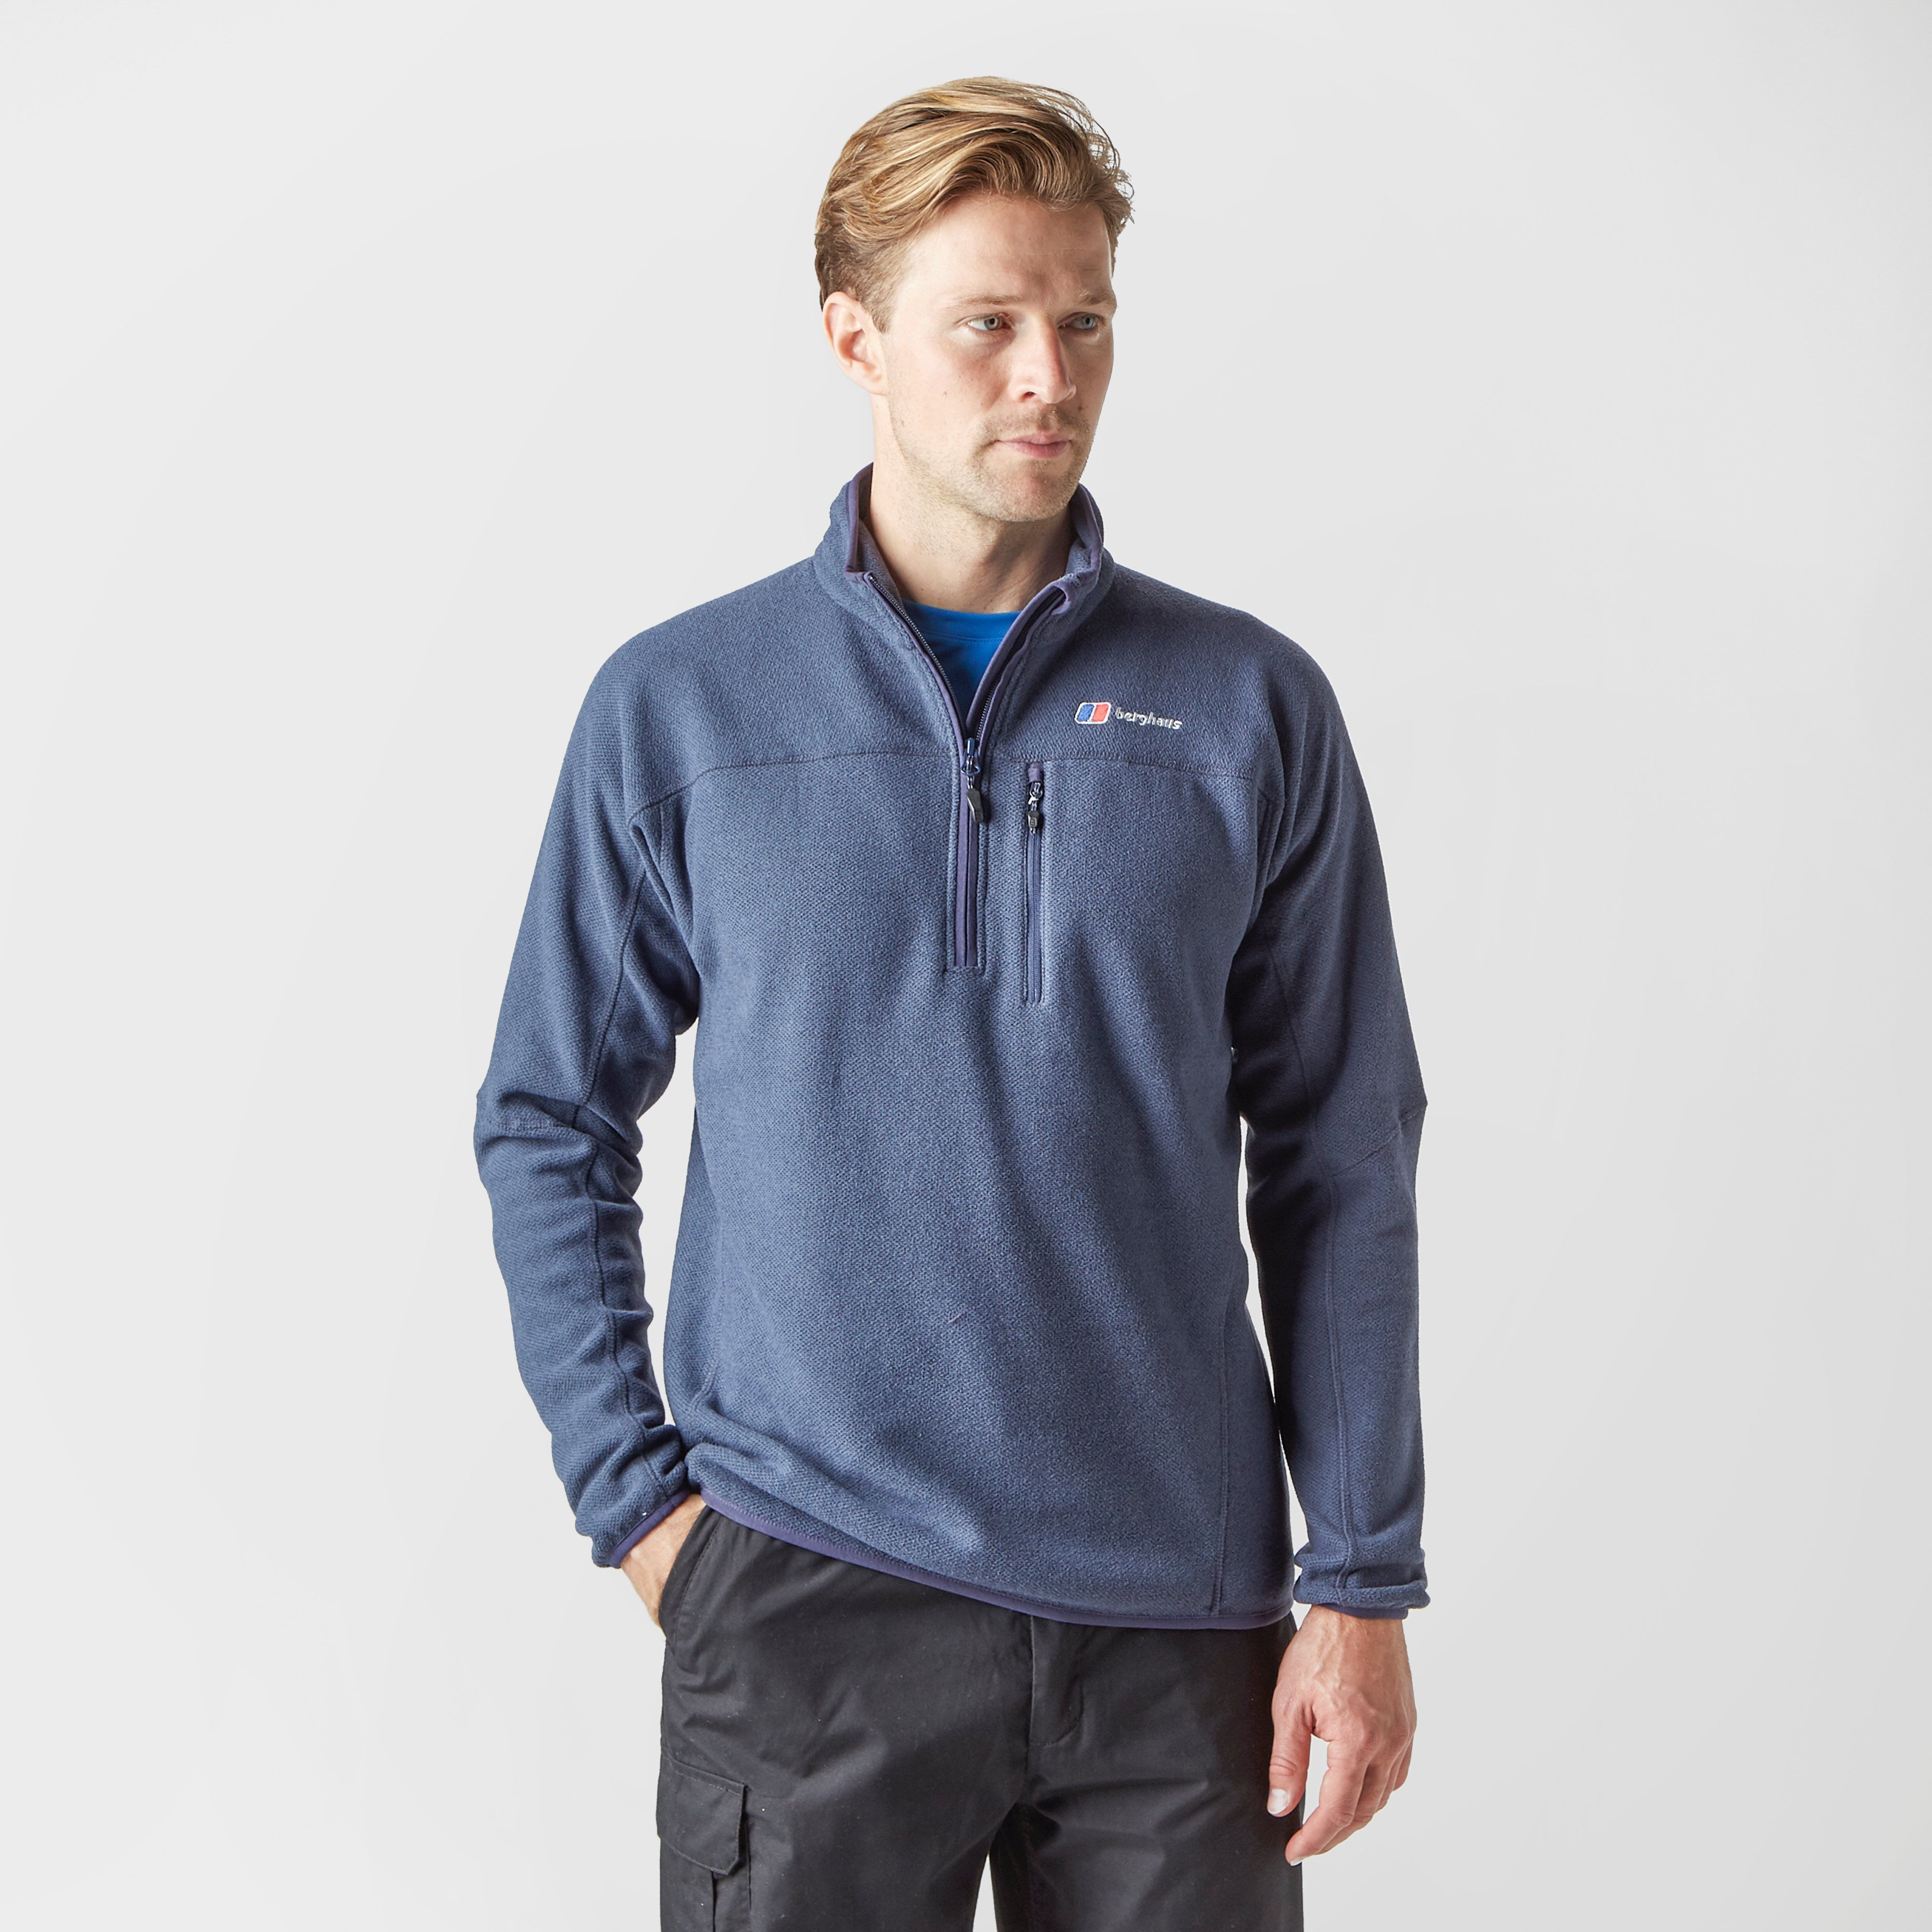 BERGHAUS Men's Stainton Half-Zip Fleece